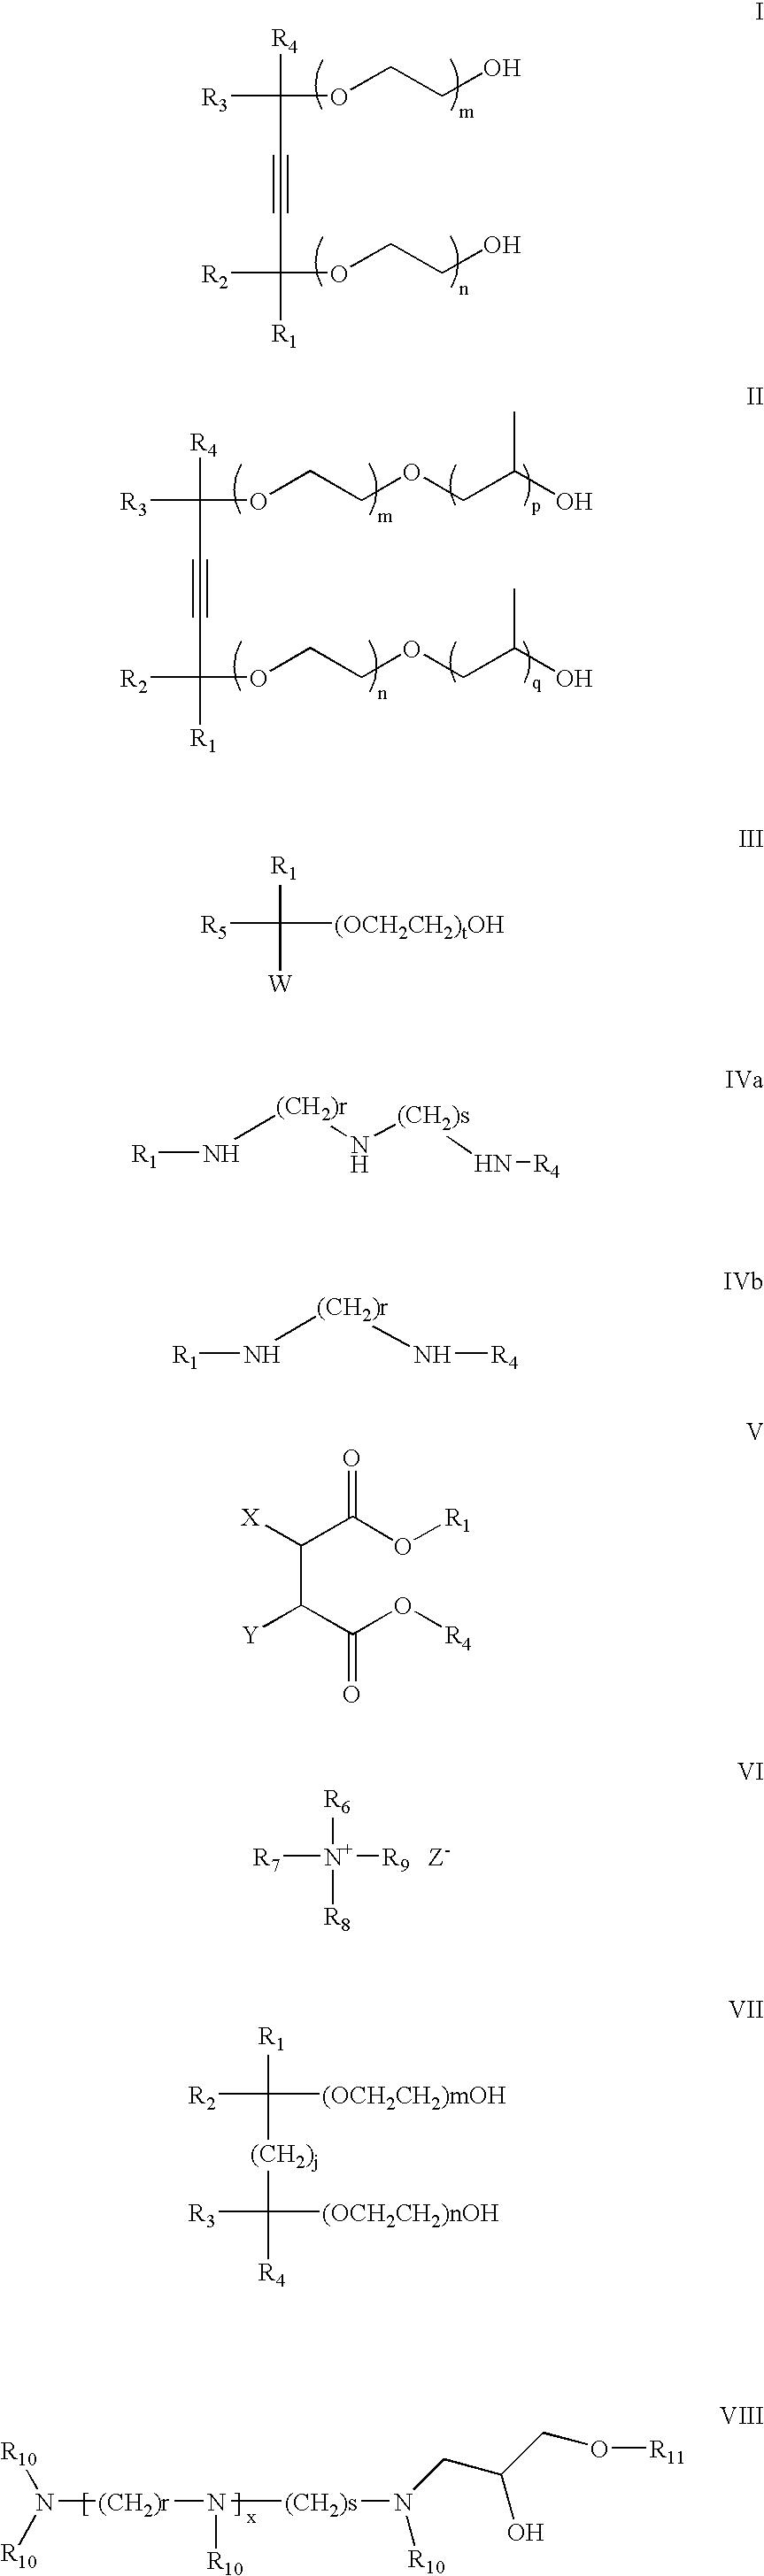 Figure US20040053800A1-20040318-C00016